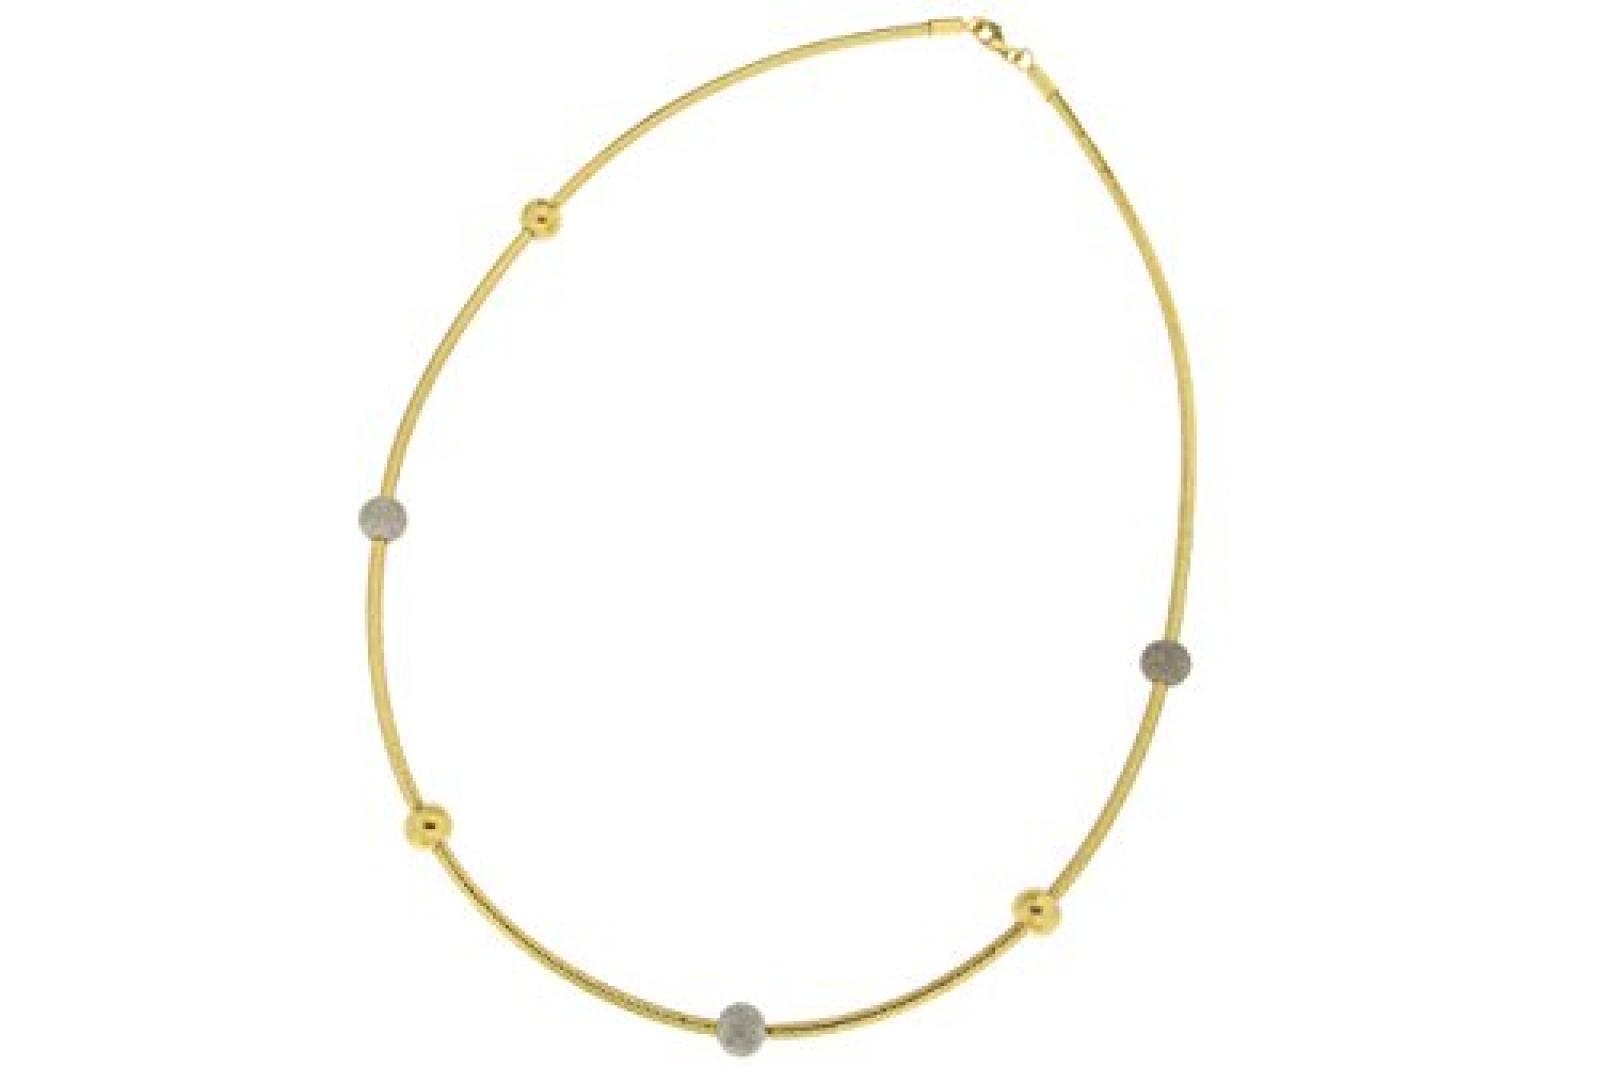 Kettenworld Damen-Collier vergoldet im Mesh-Design mit bunten Kugeln 0 317018